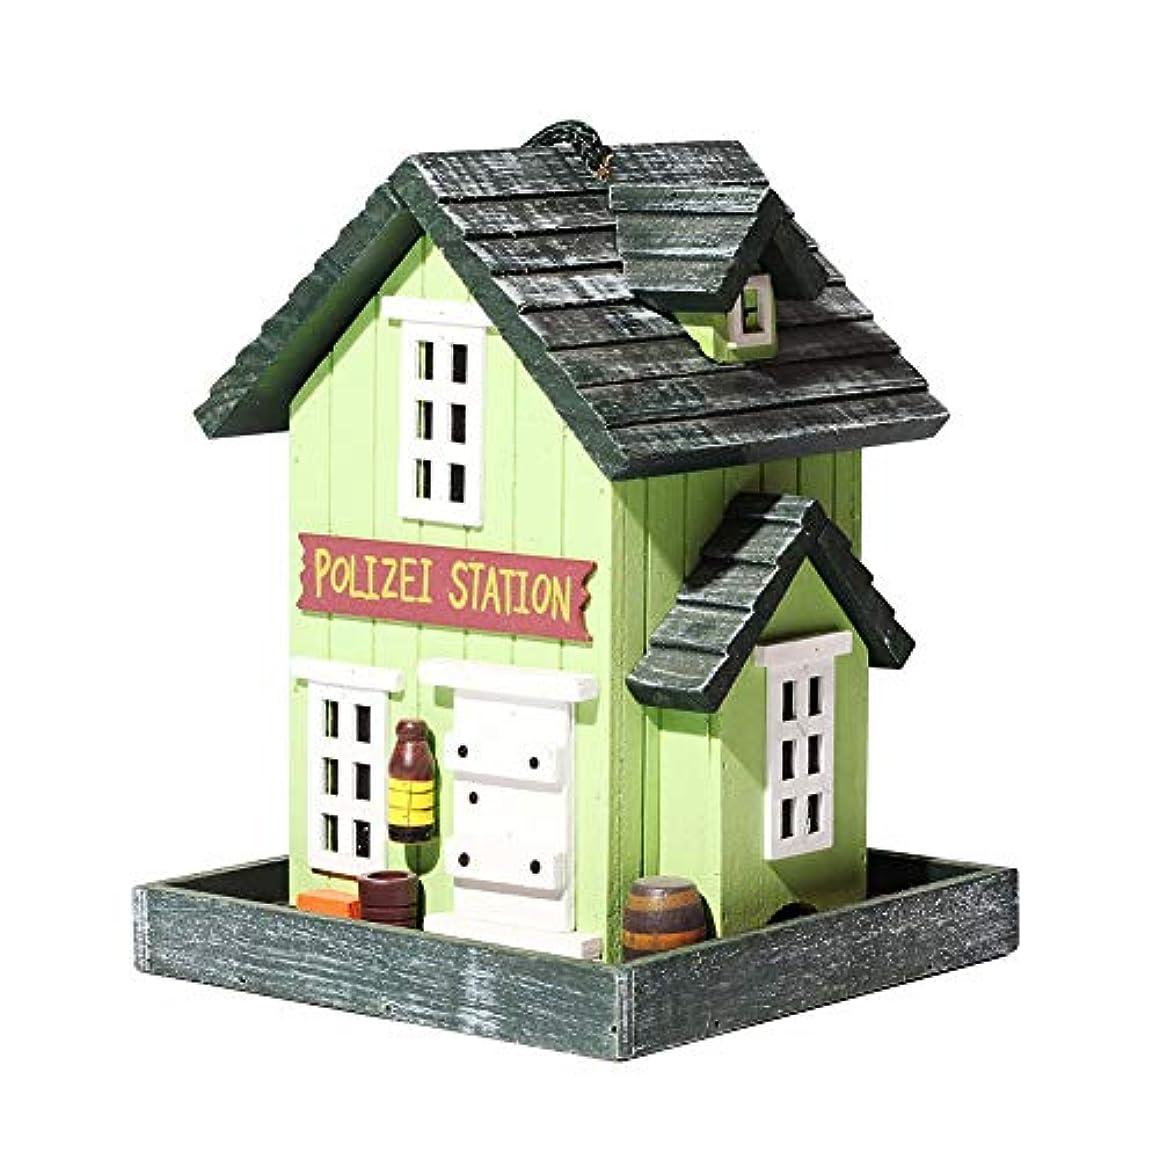 指紋コードレス懲戒バードフィーダー、ハウスシェイプの外側のハンギングバードハウスキット、庭の装飾,グリーン